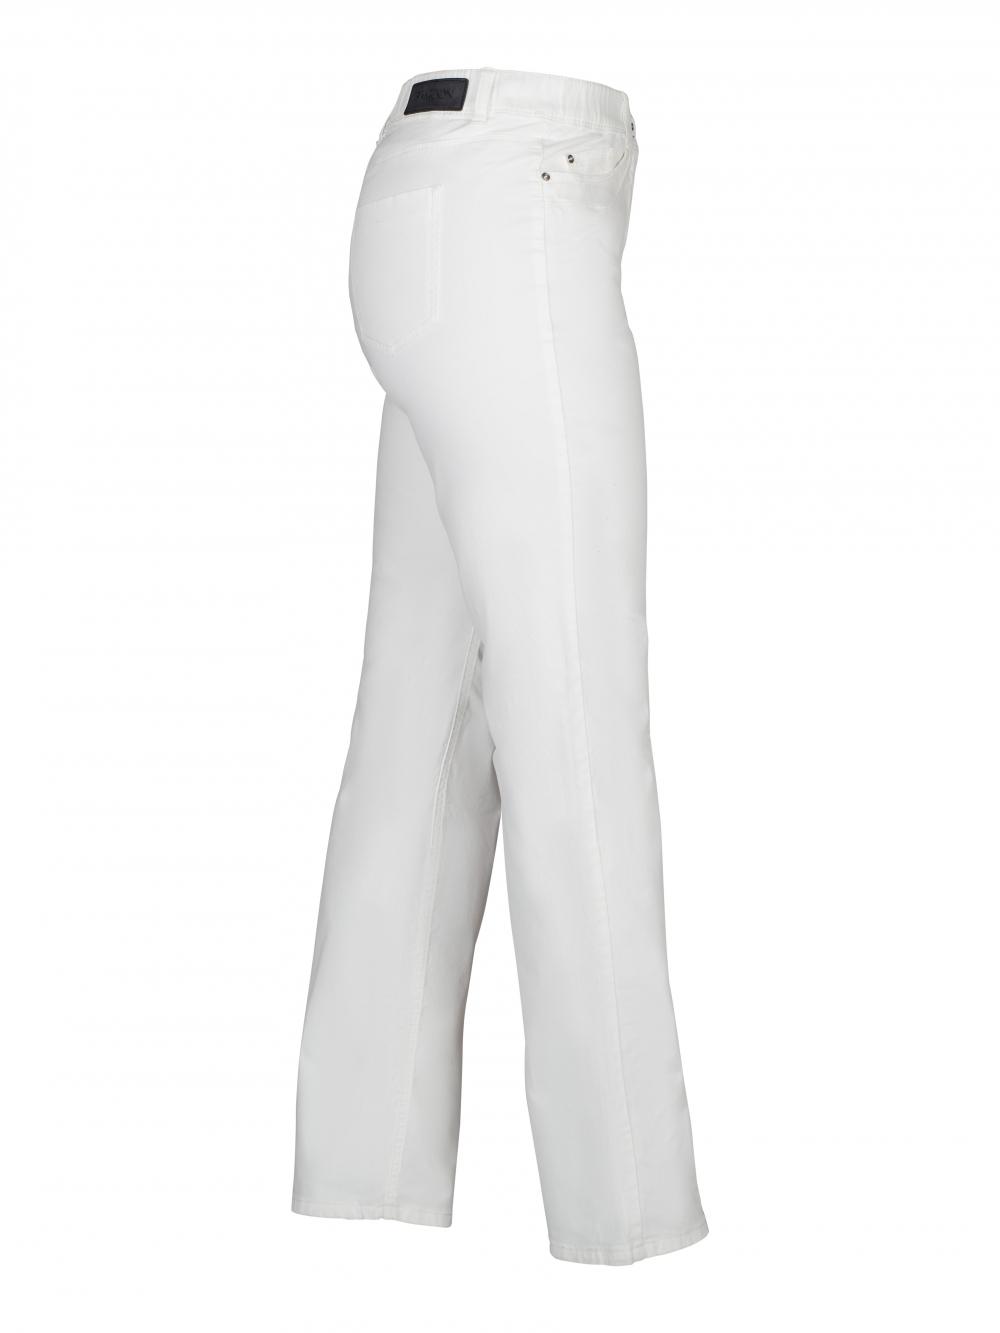 Jeans Jenny från Samoon - handla i butik eller online hos Modevillan.s 14c5e735e7732